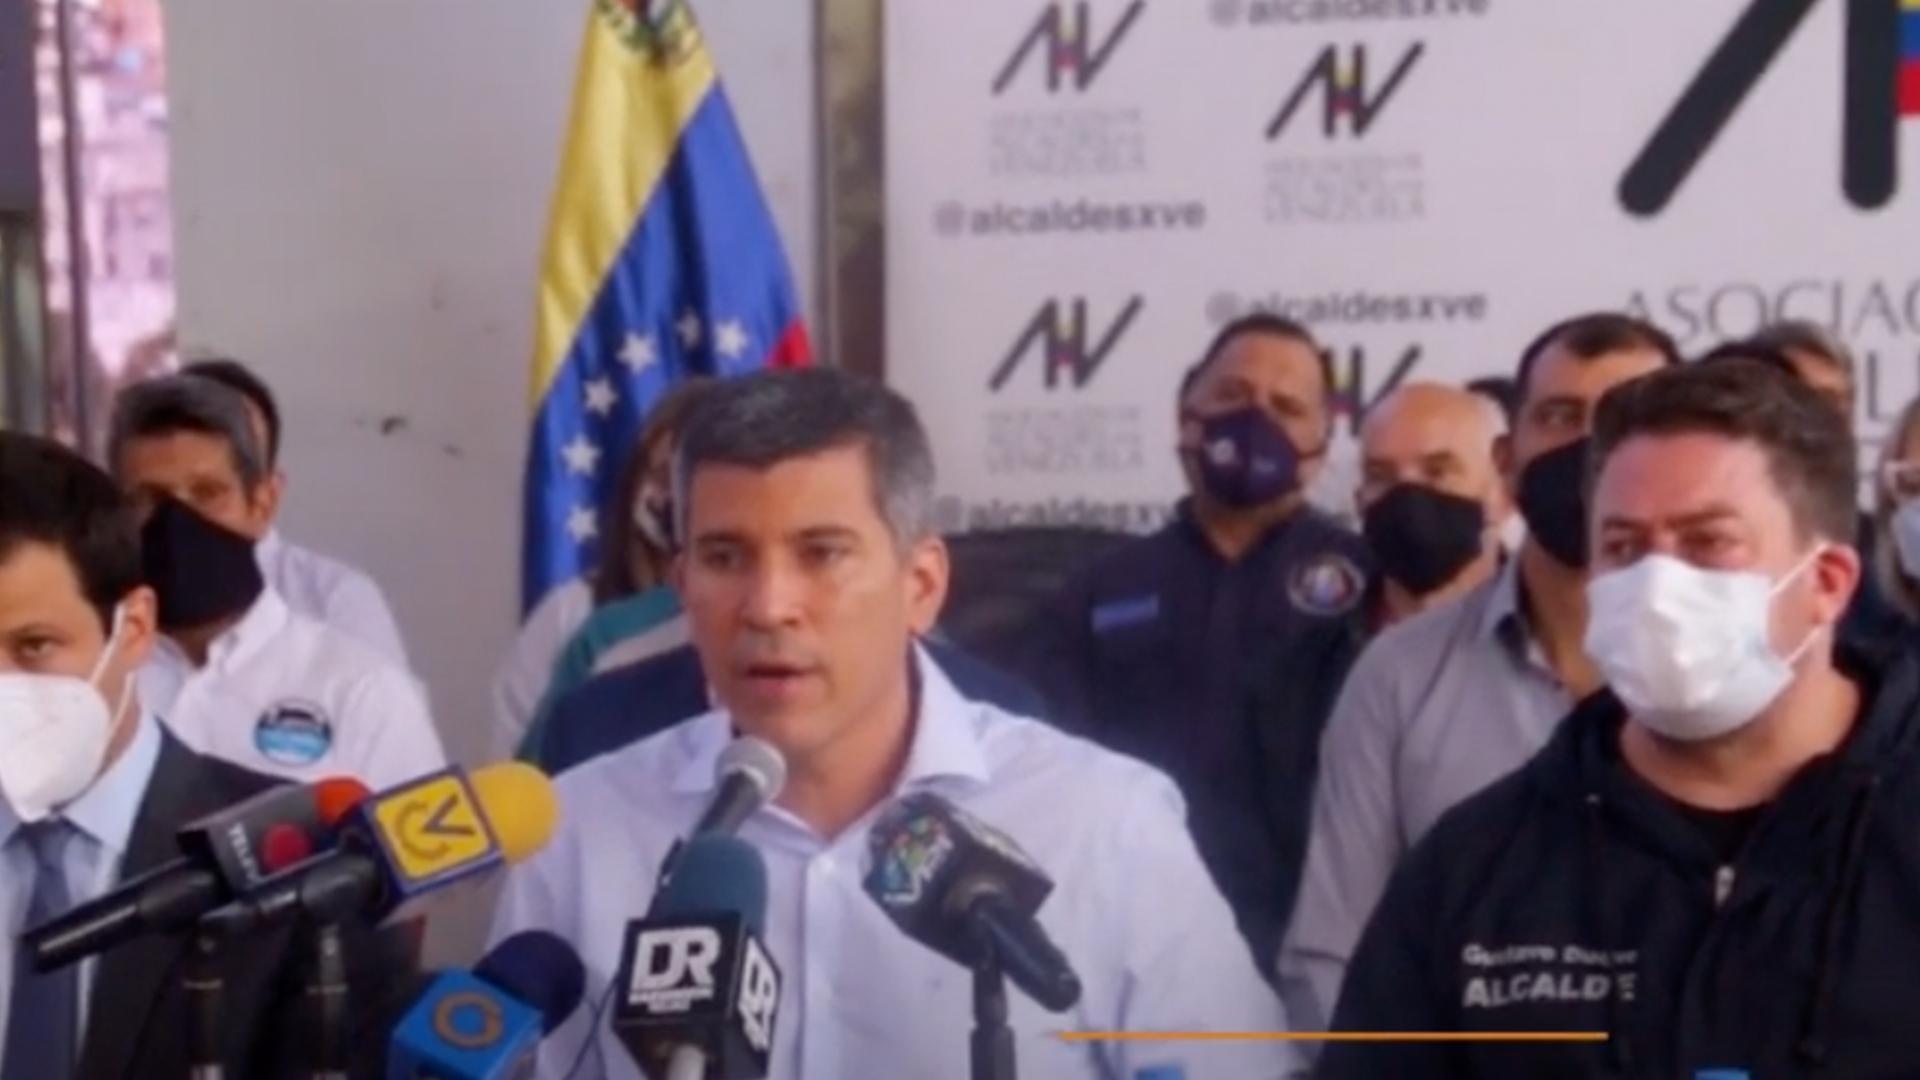 Convocan asamblea para discutir propuesta de anexar a los municipios Baruta, Chacao y El Hatillo al Distrito Capital